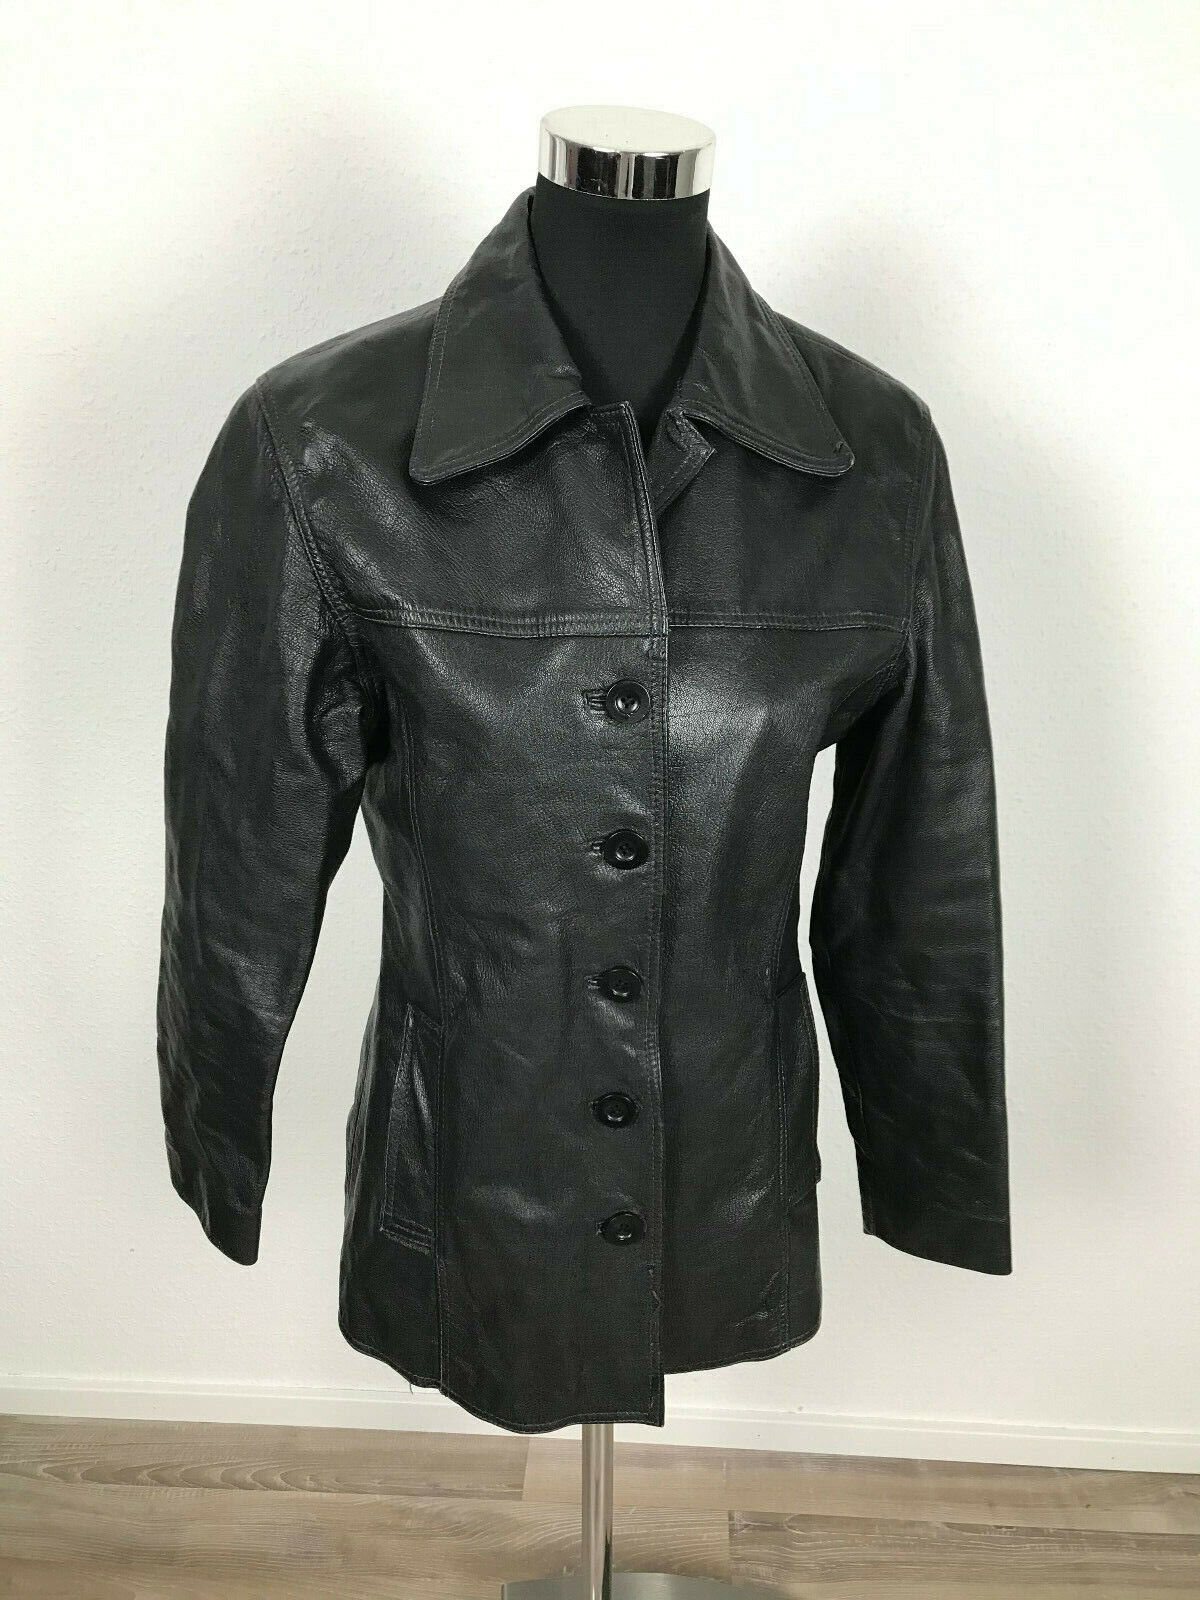 Luxus Damen Lederjacke Jacke Gr.36 100% Leder Echtleder